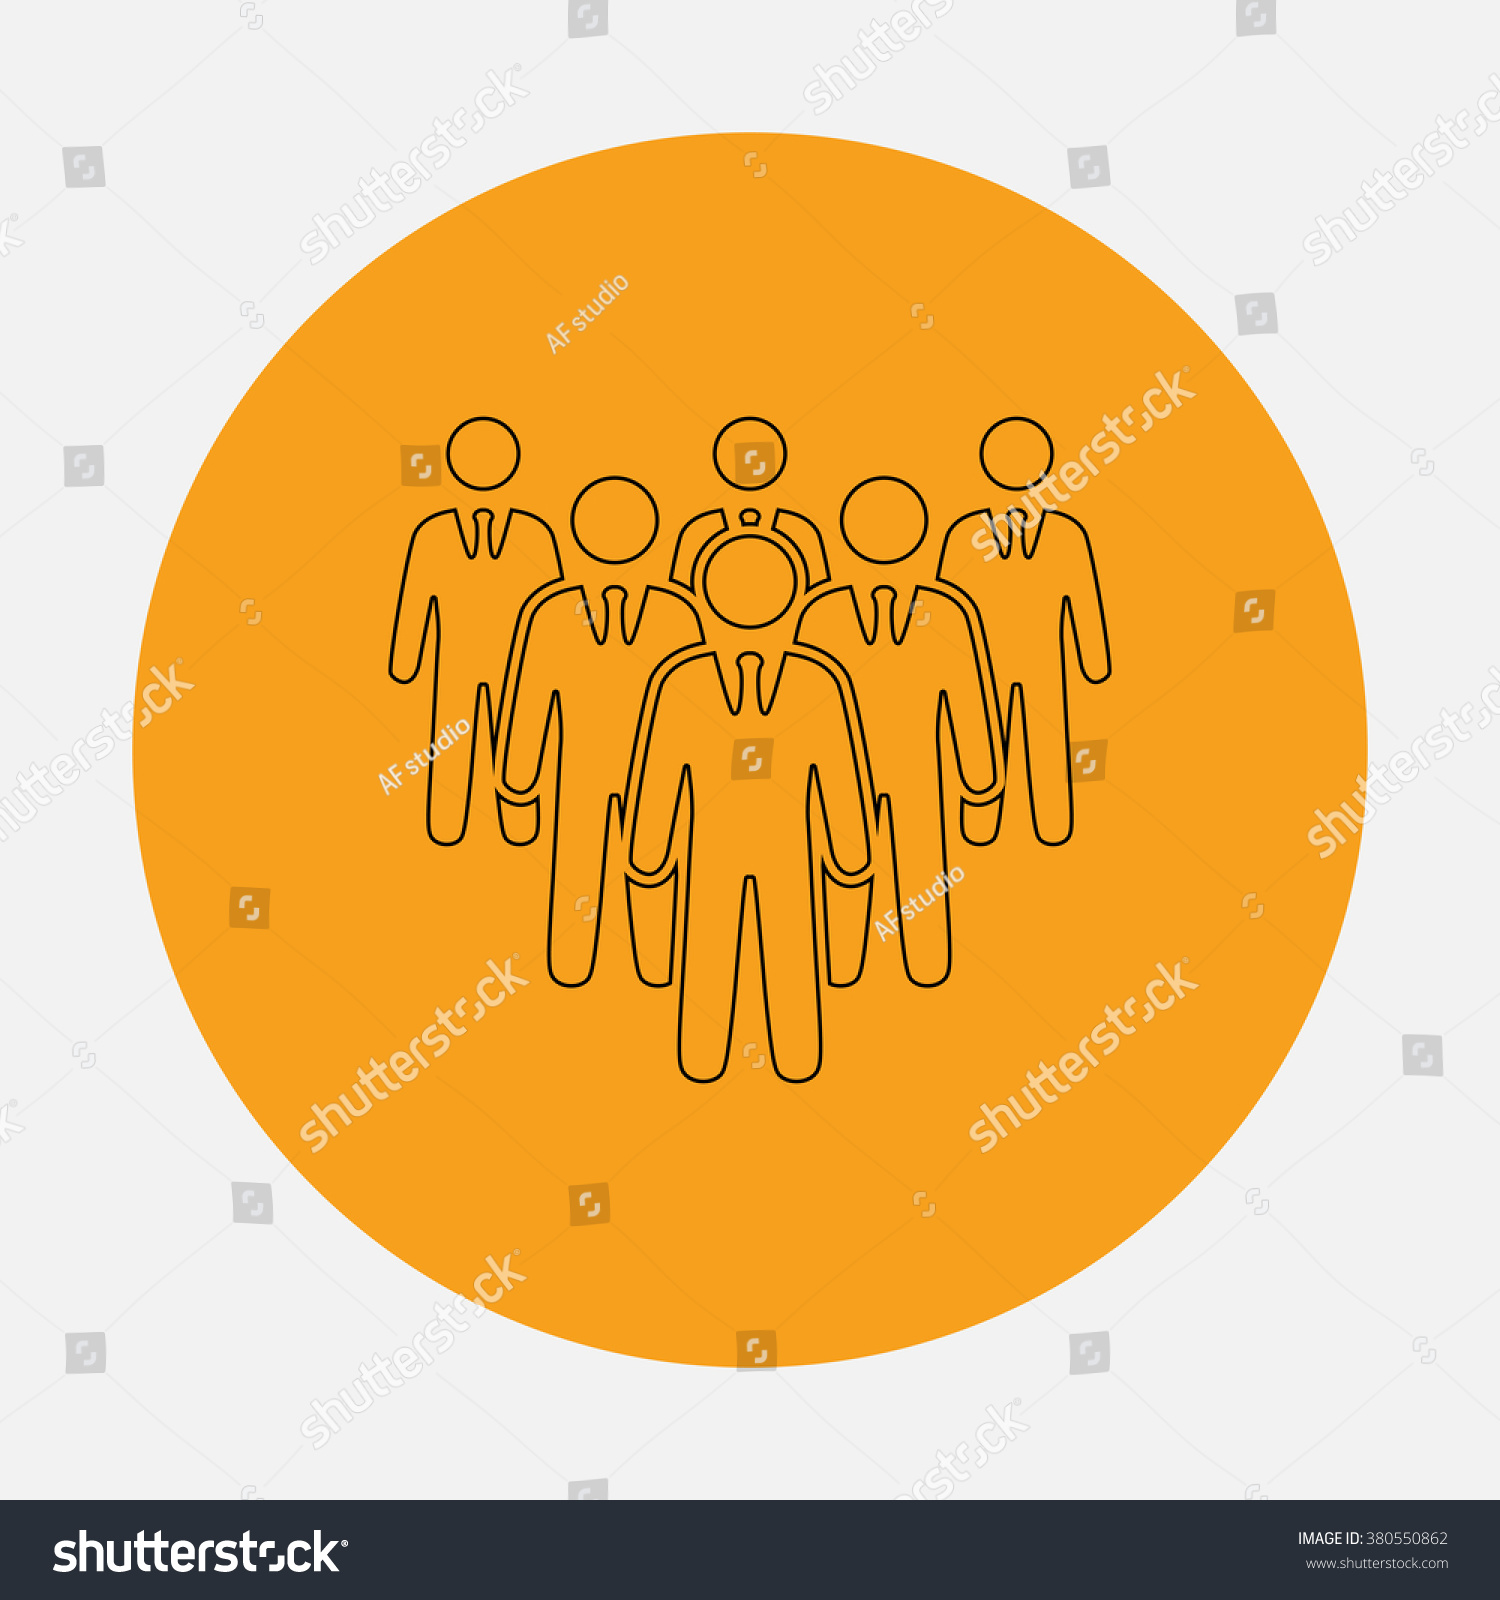 Team Outline Vector Icon On Orange Stock Vector 380550862 Shutterstock